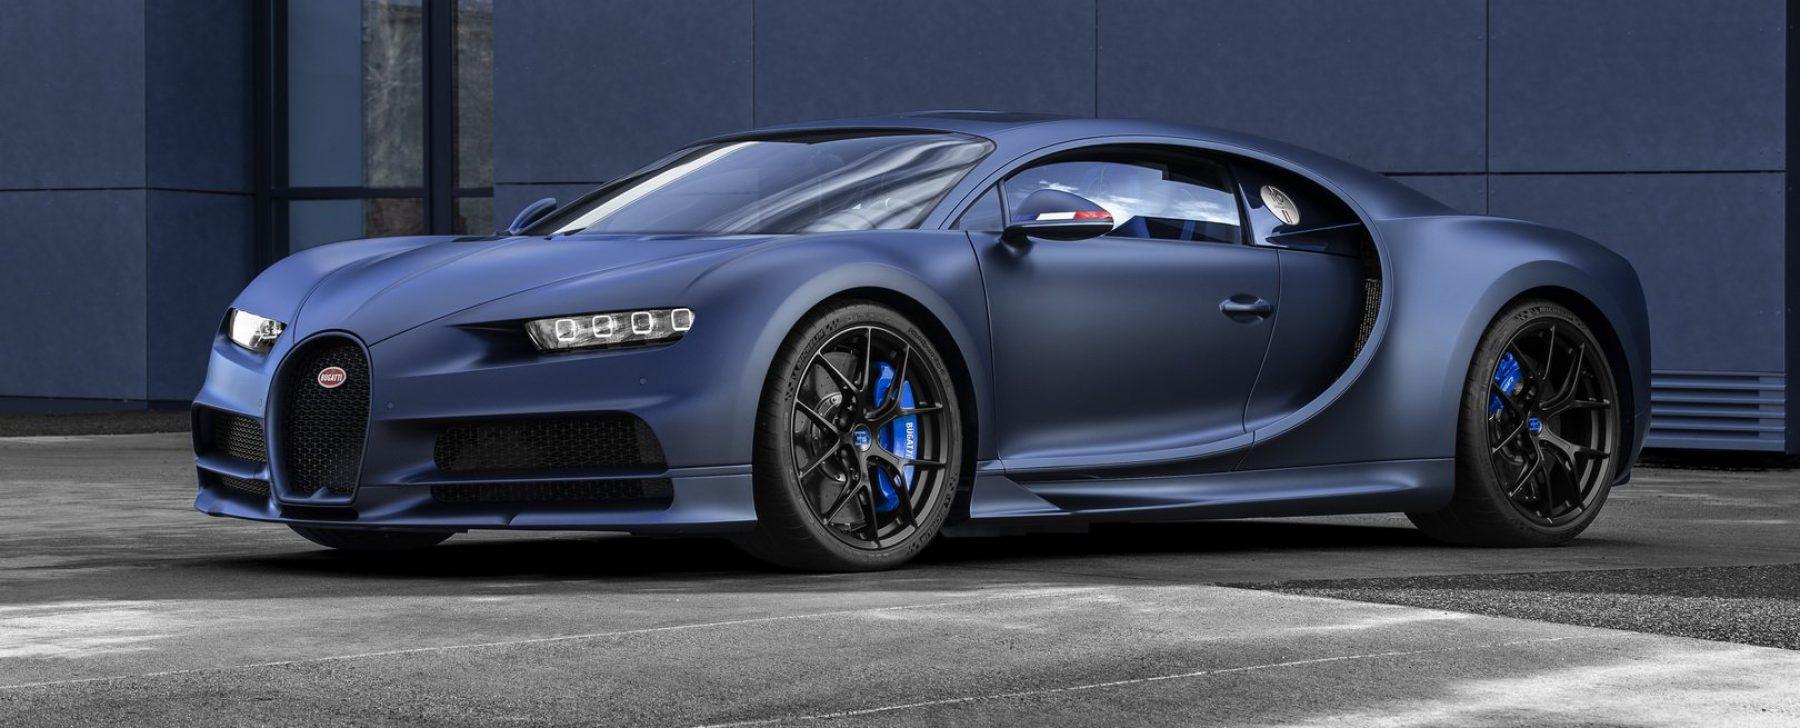 Bugatti Chiron Sport '110 Ans' Edition